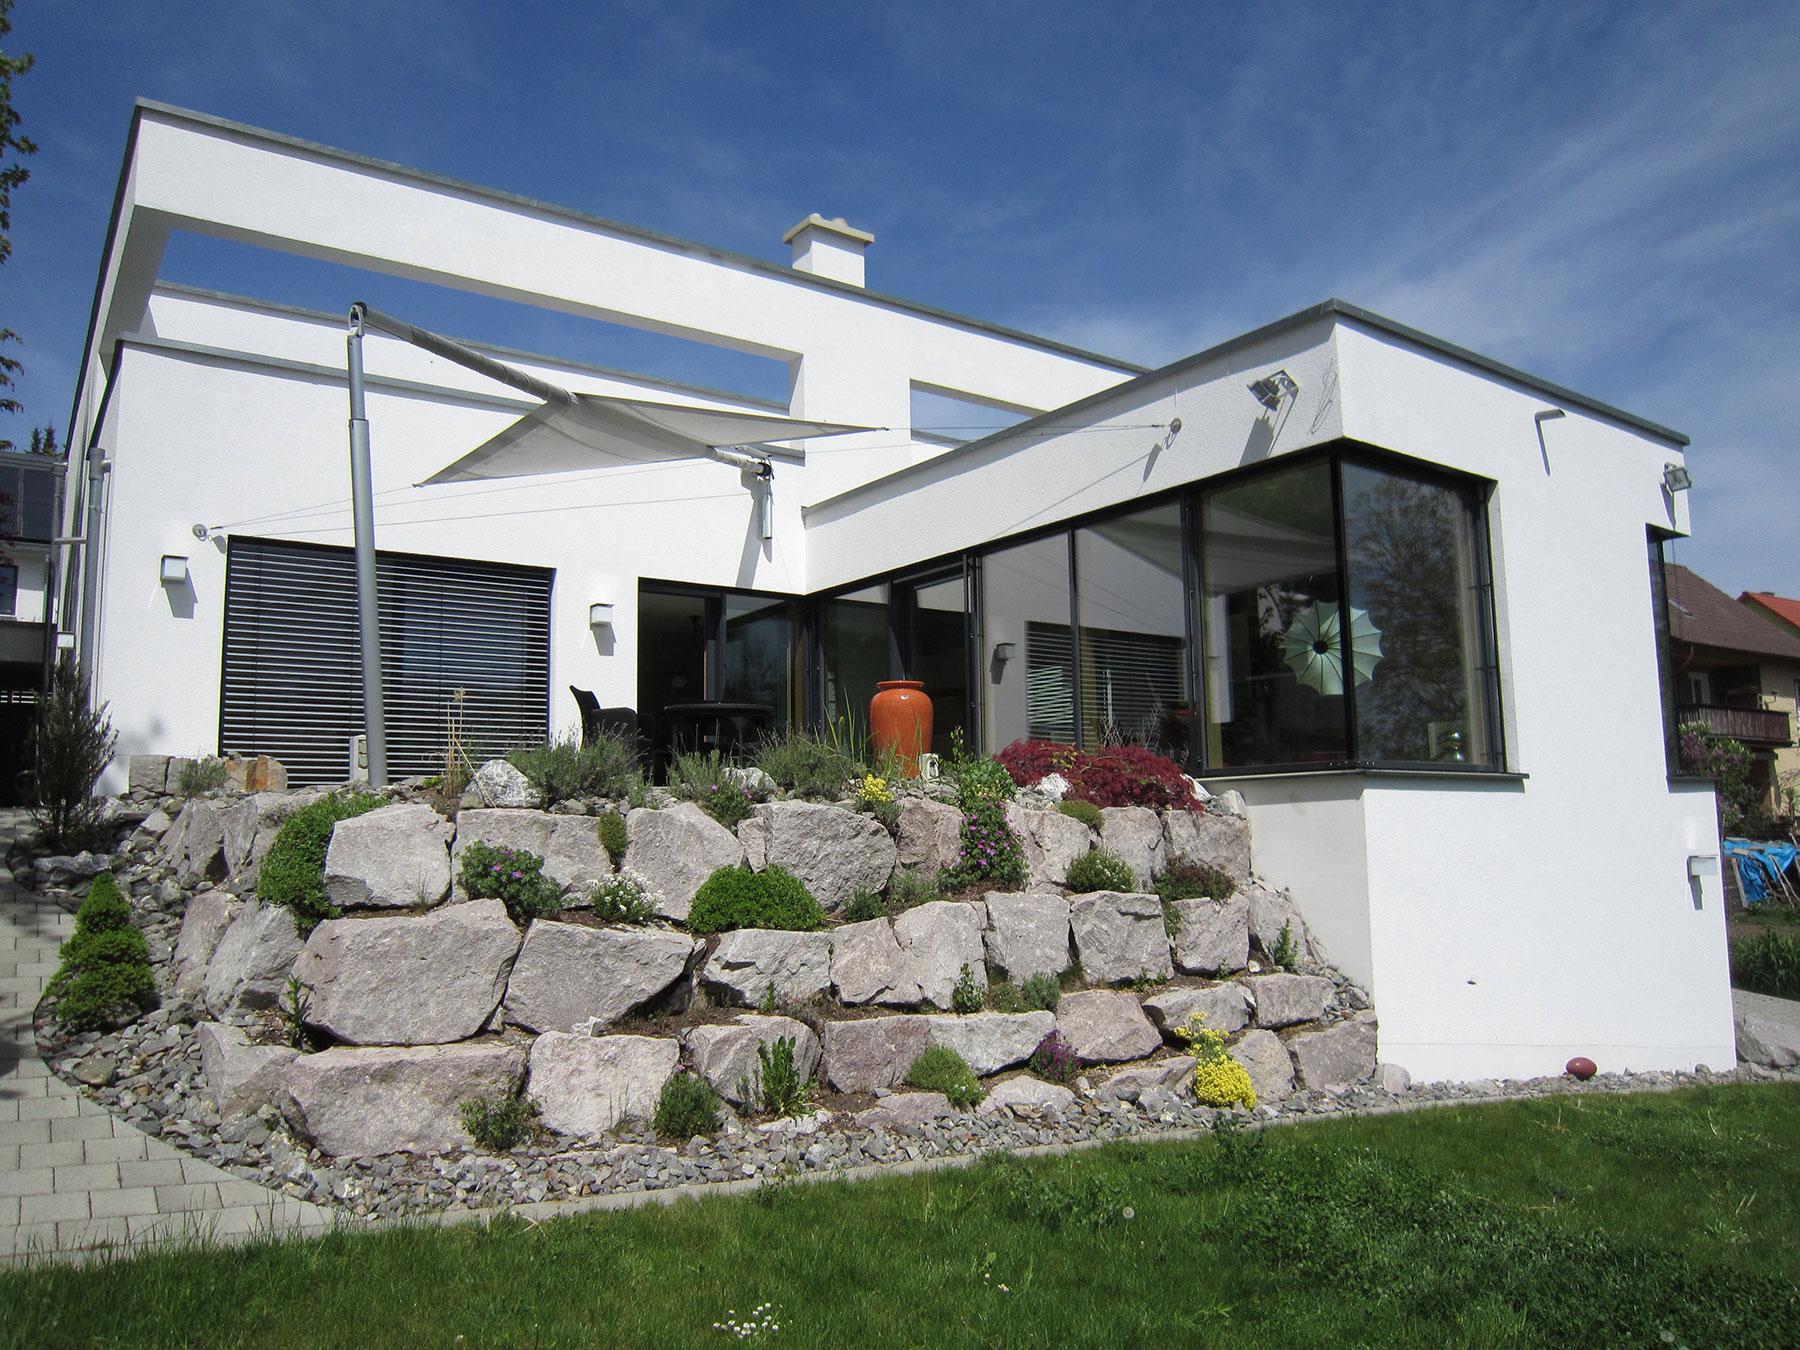 Hausidee stella select massivhaus gmbh for Architektenhaus bauen